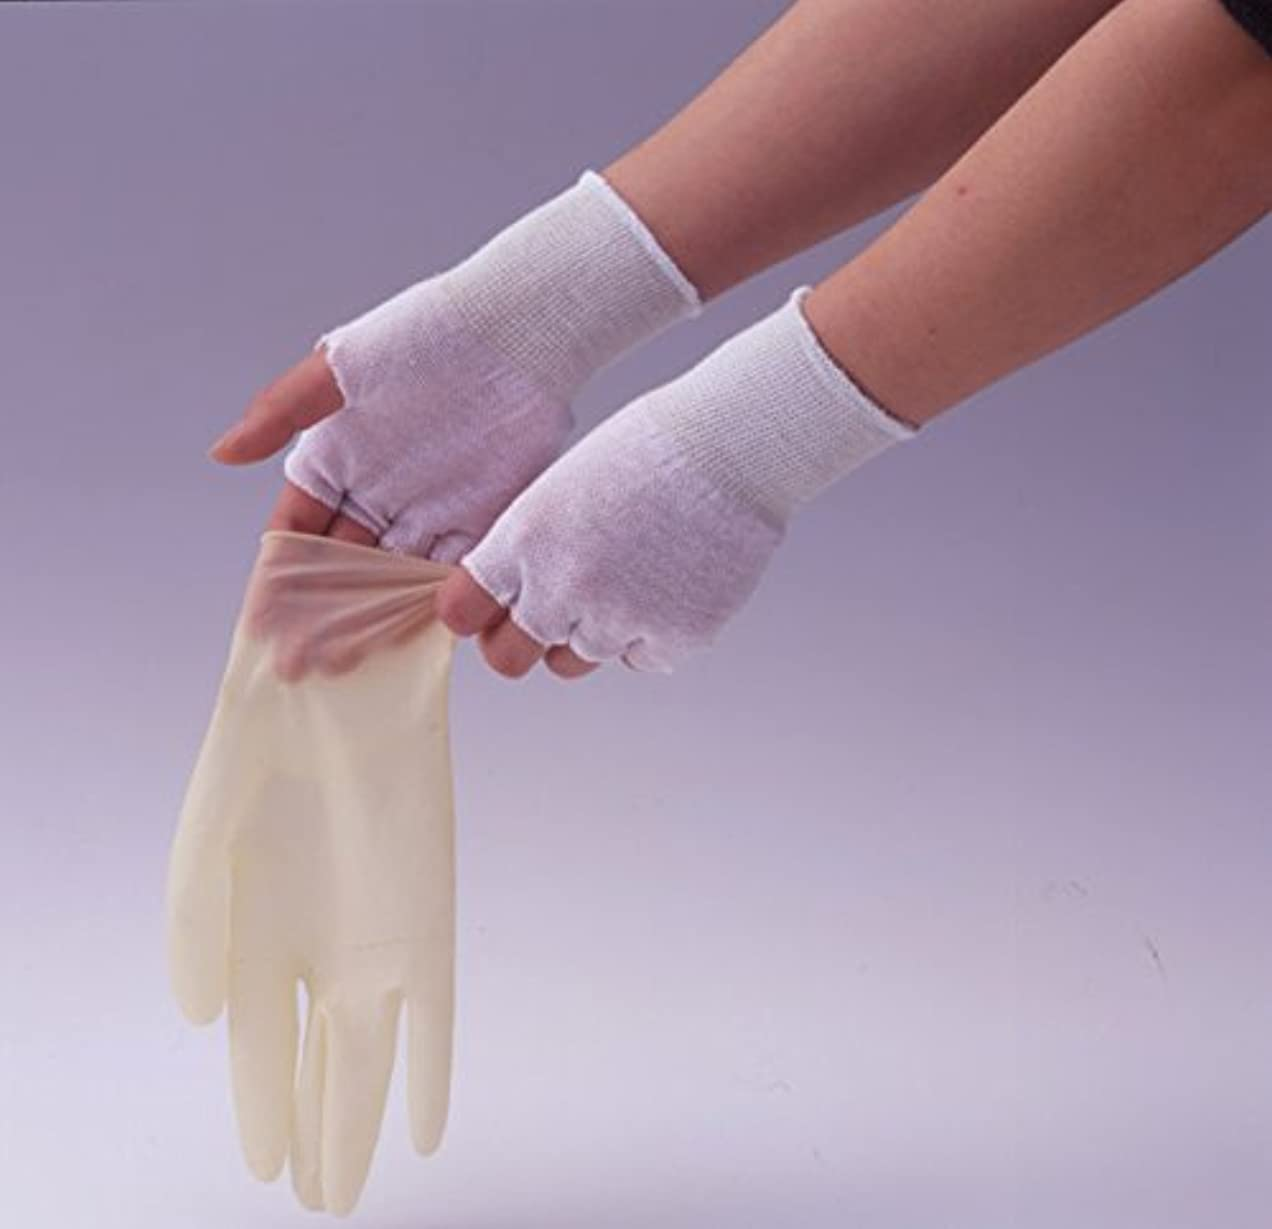 ペネロペ追い越す意気揚々やさしインナー手袋 (綿100%指なし) 200組/カートン 激安業務用パック